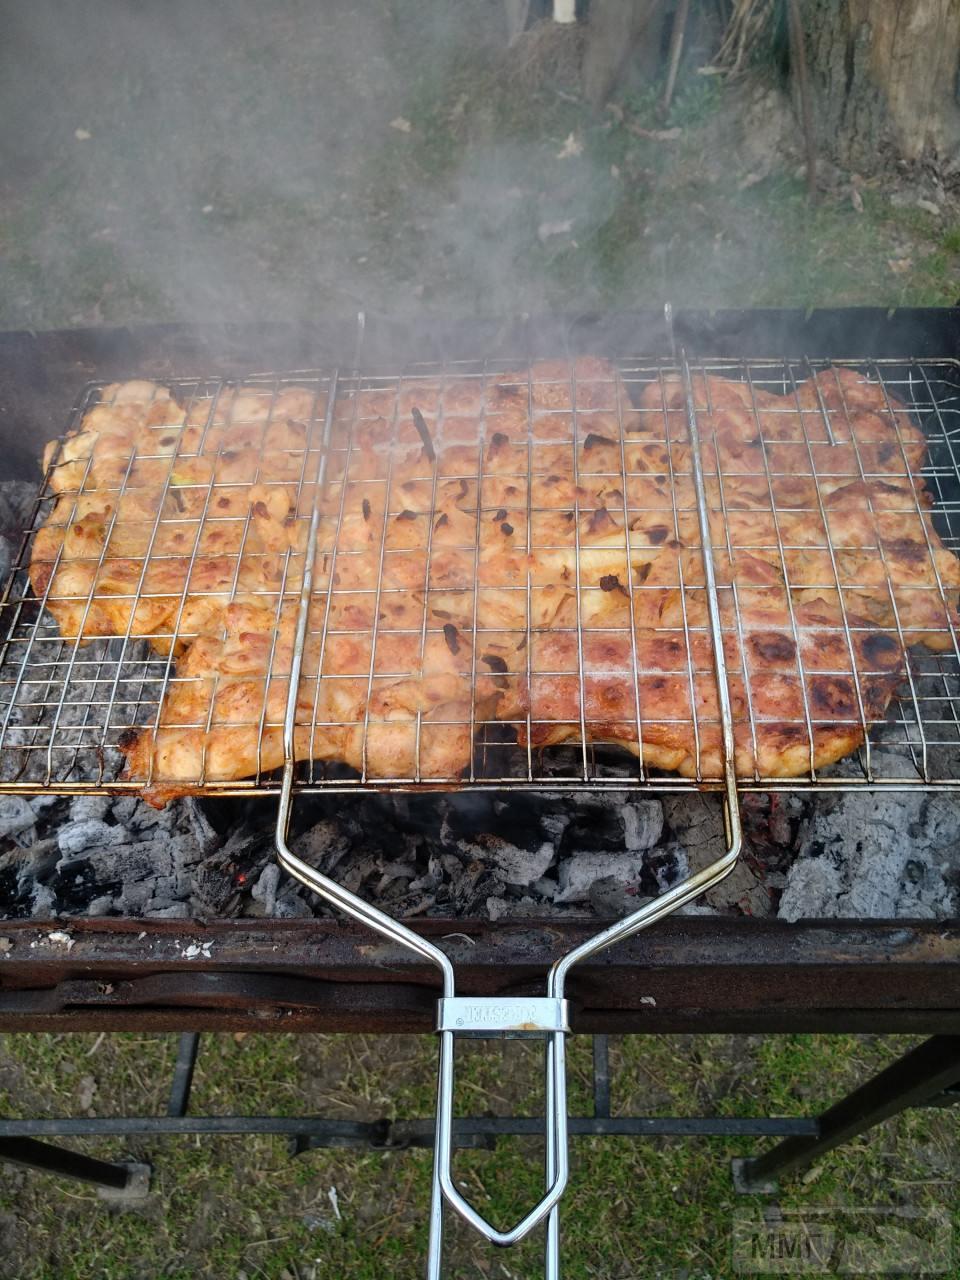 95624 - Закуски на огне (мангал, барбекю и т.д.) и кулинария вообще. Советы и рецепты.